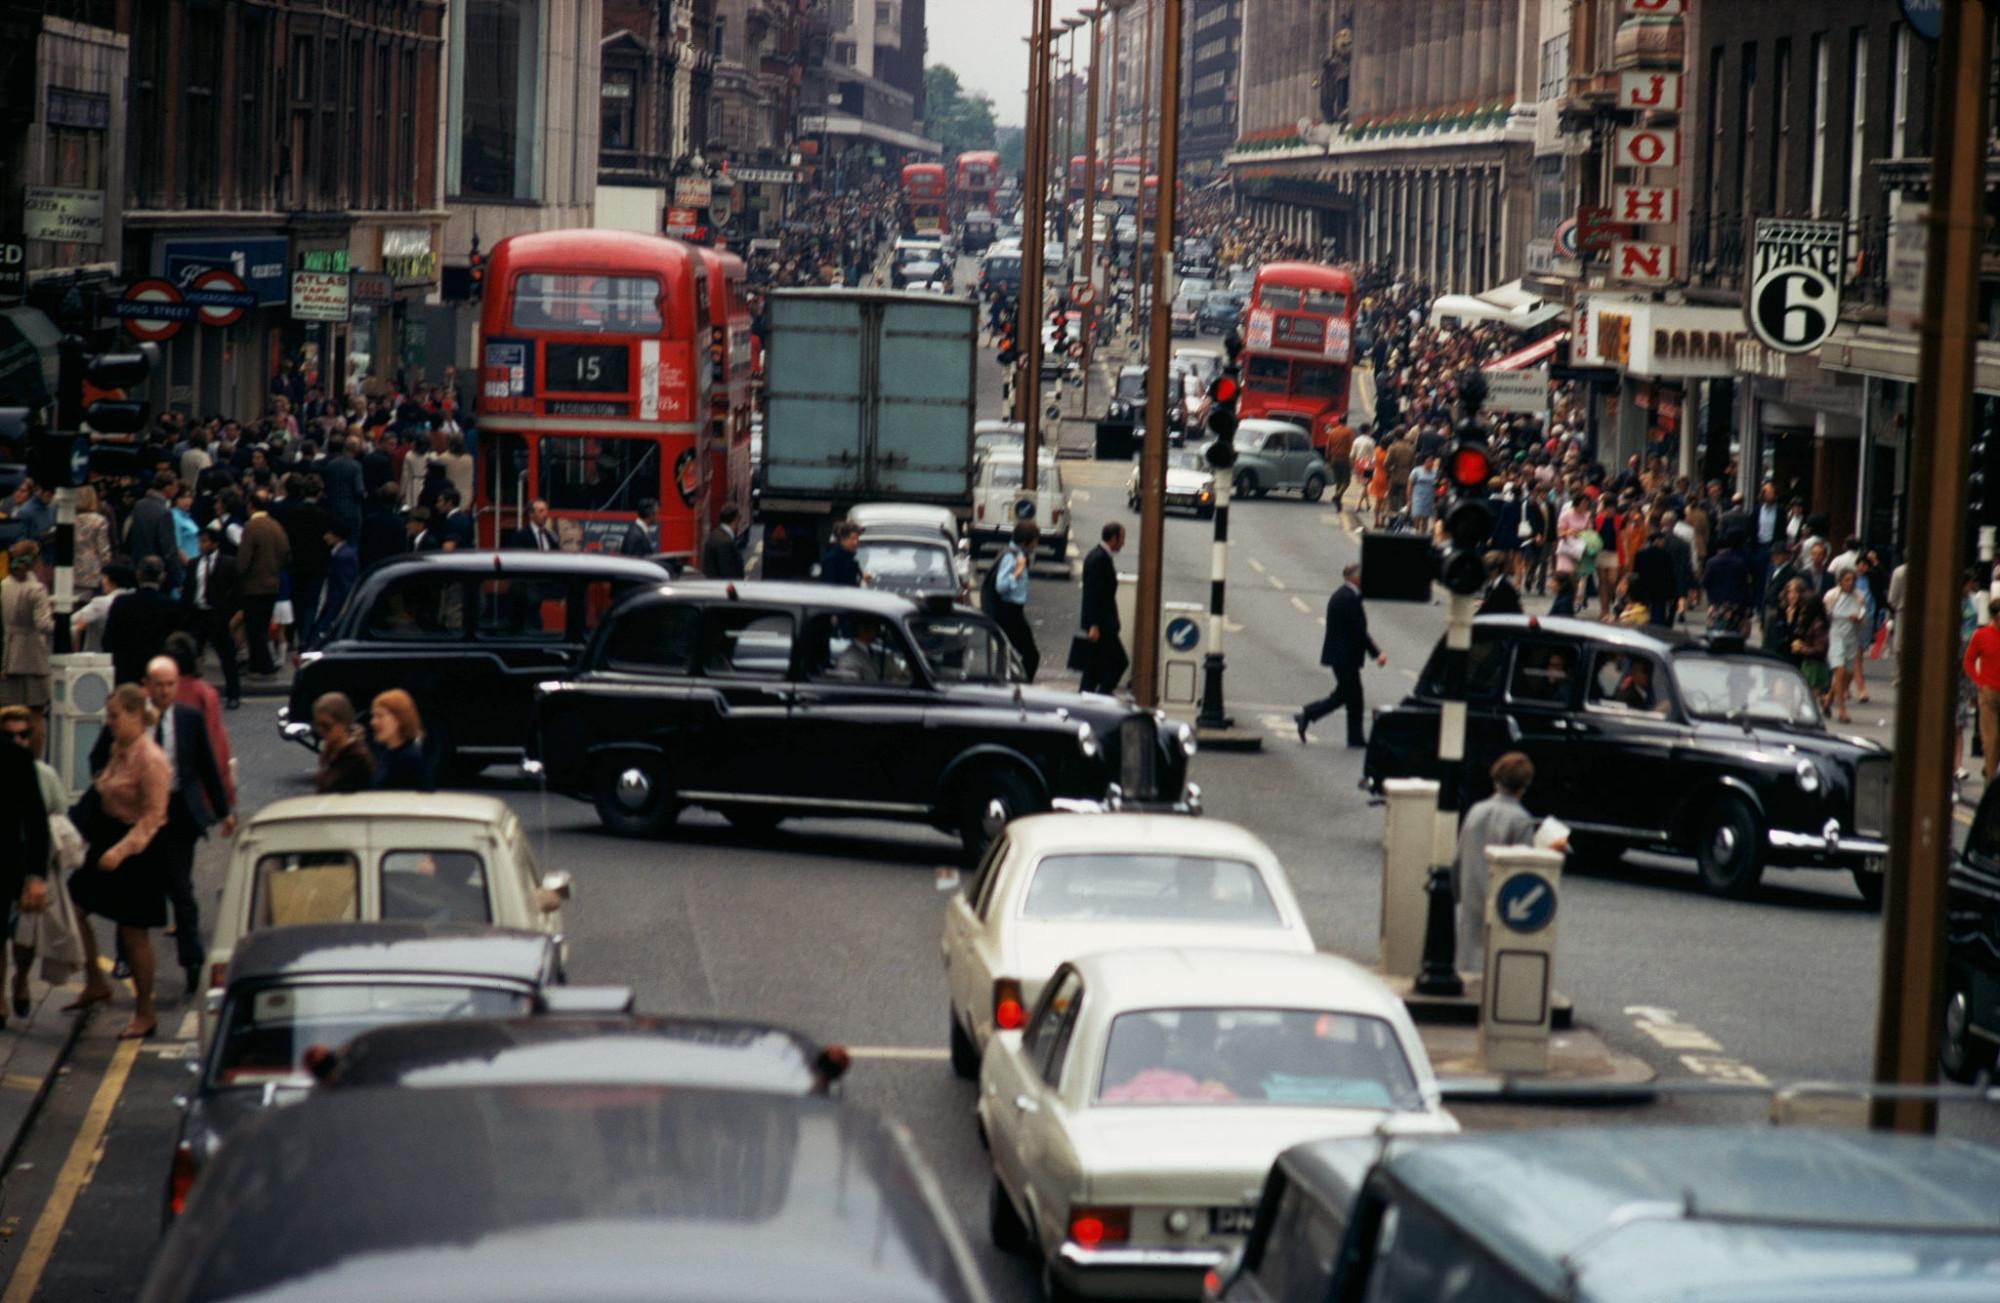 1970 London Oxford Street